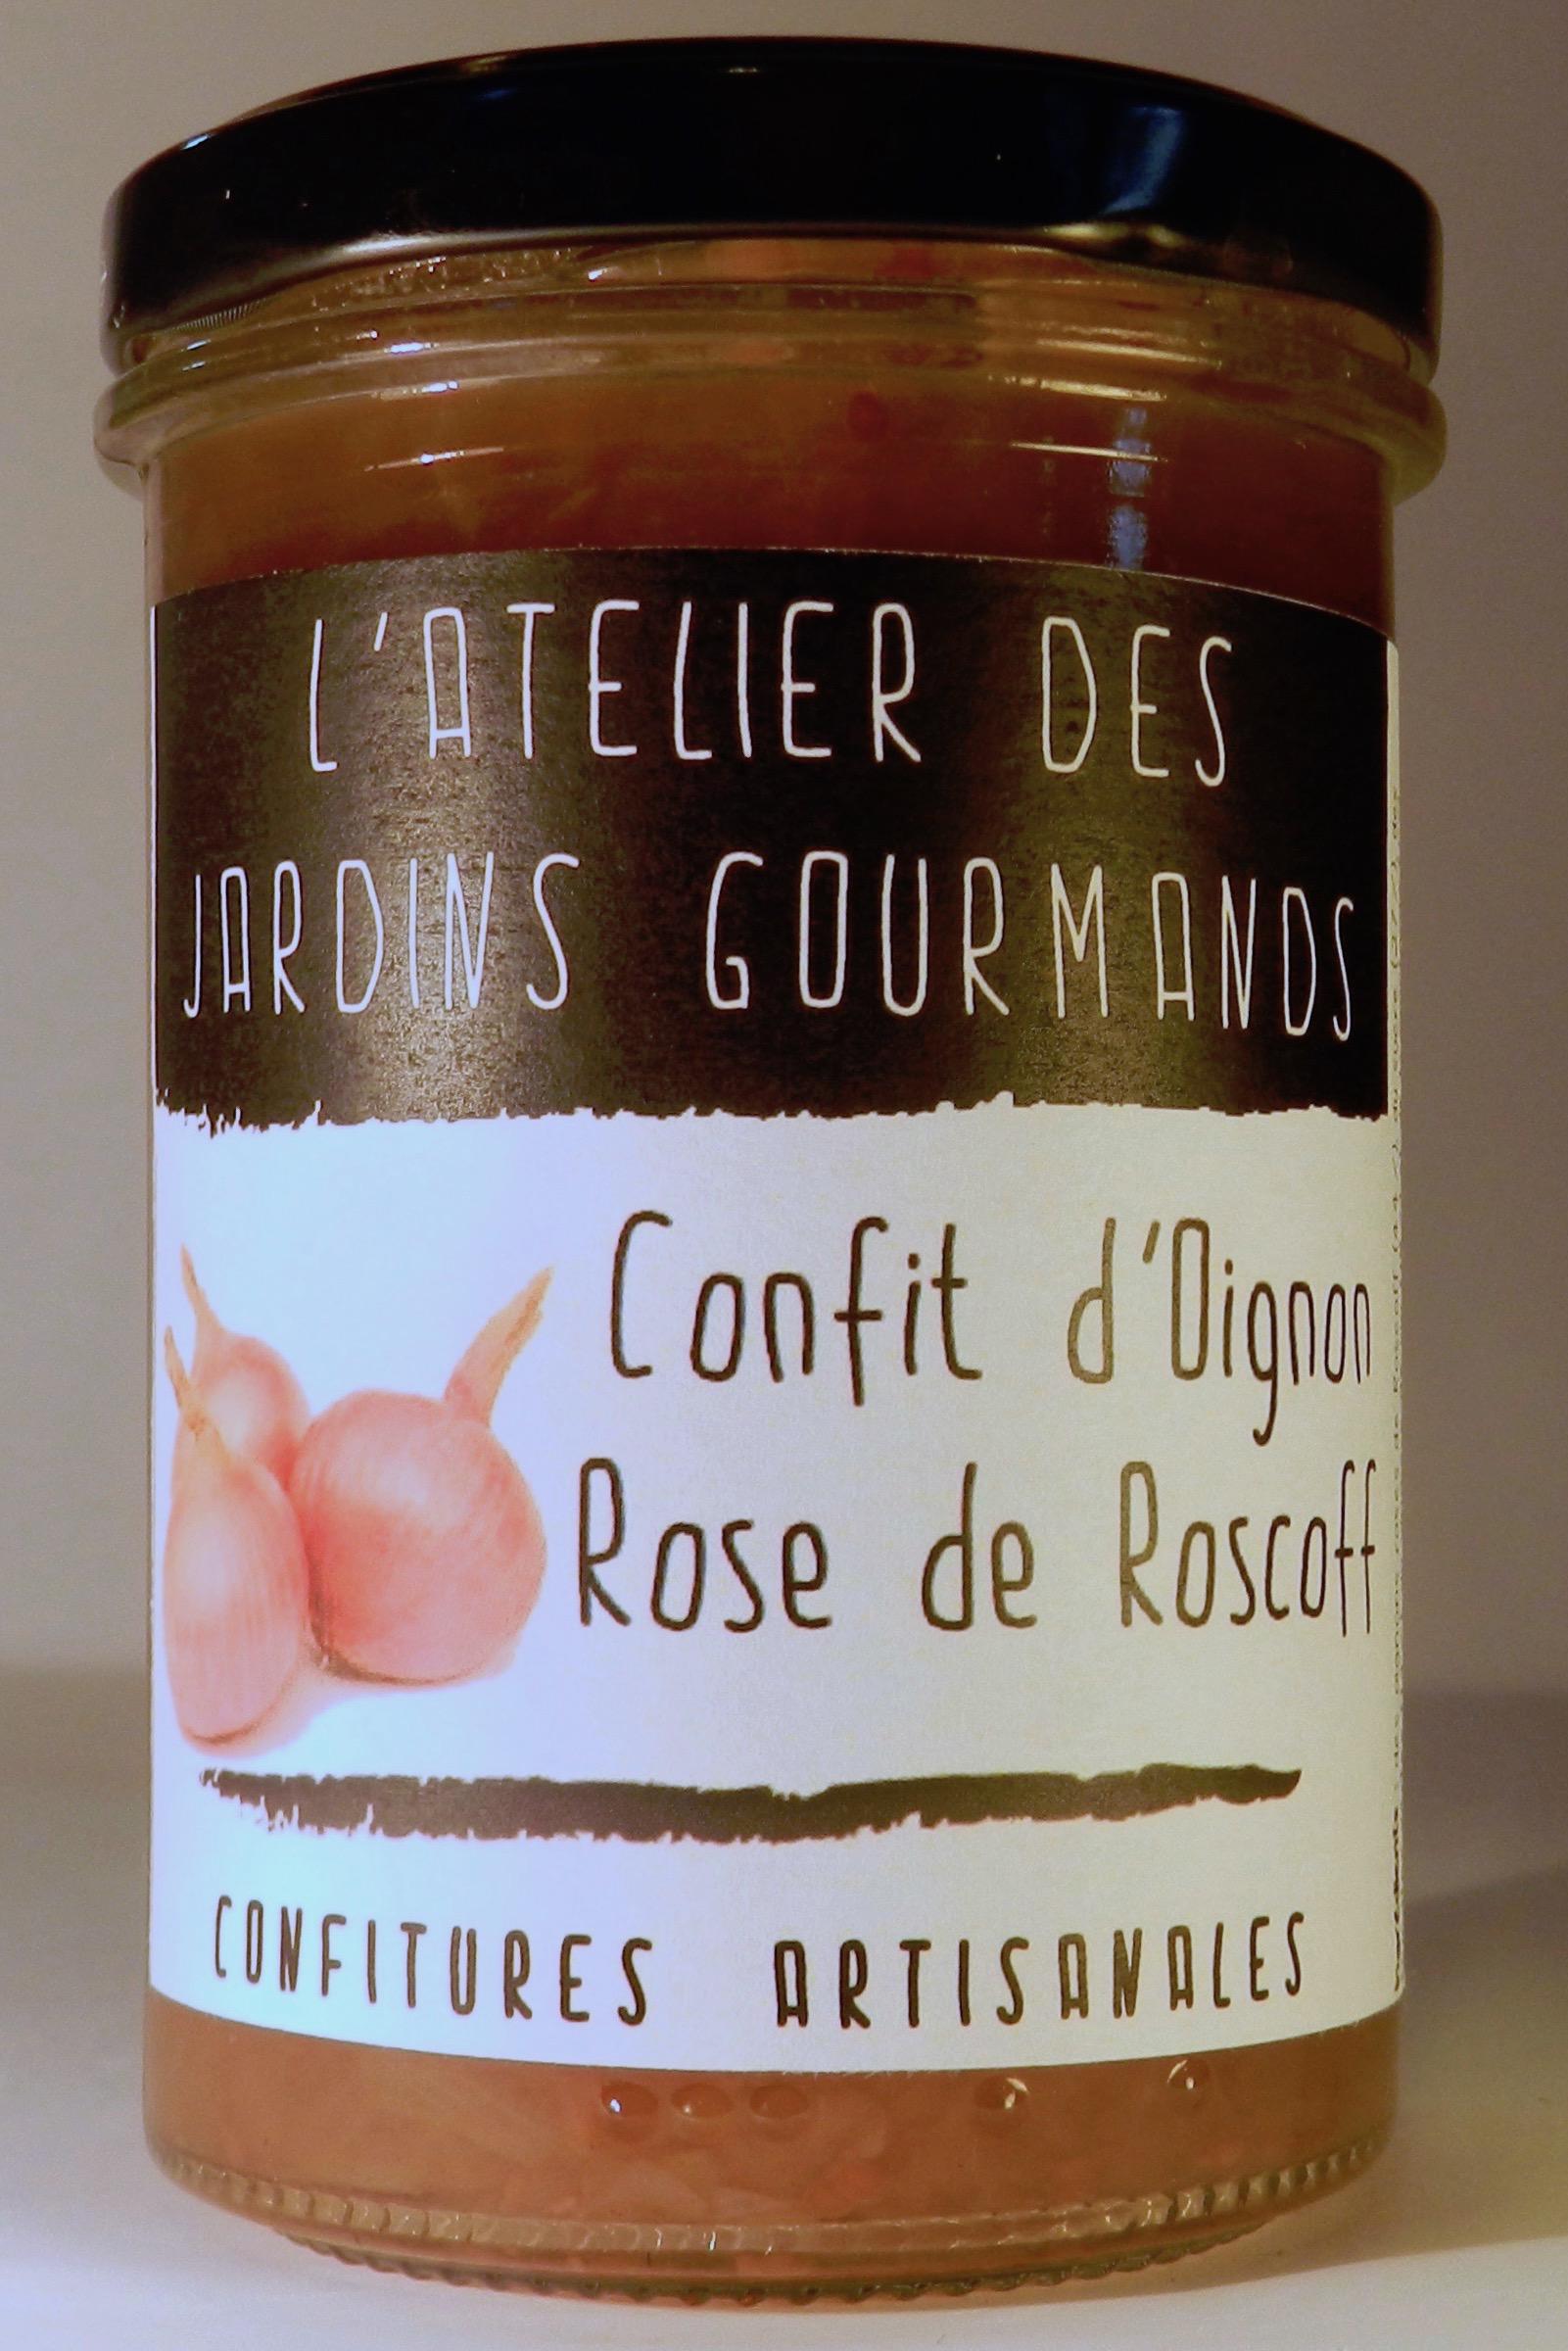 confit oignon rose roscoff l'Atelier des Jardins Gourmands